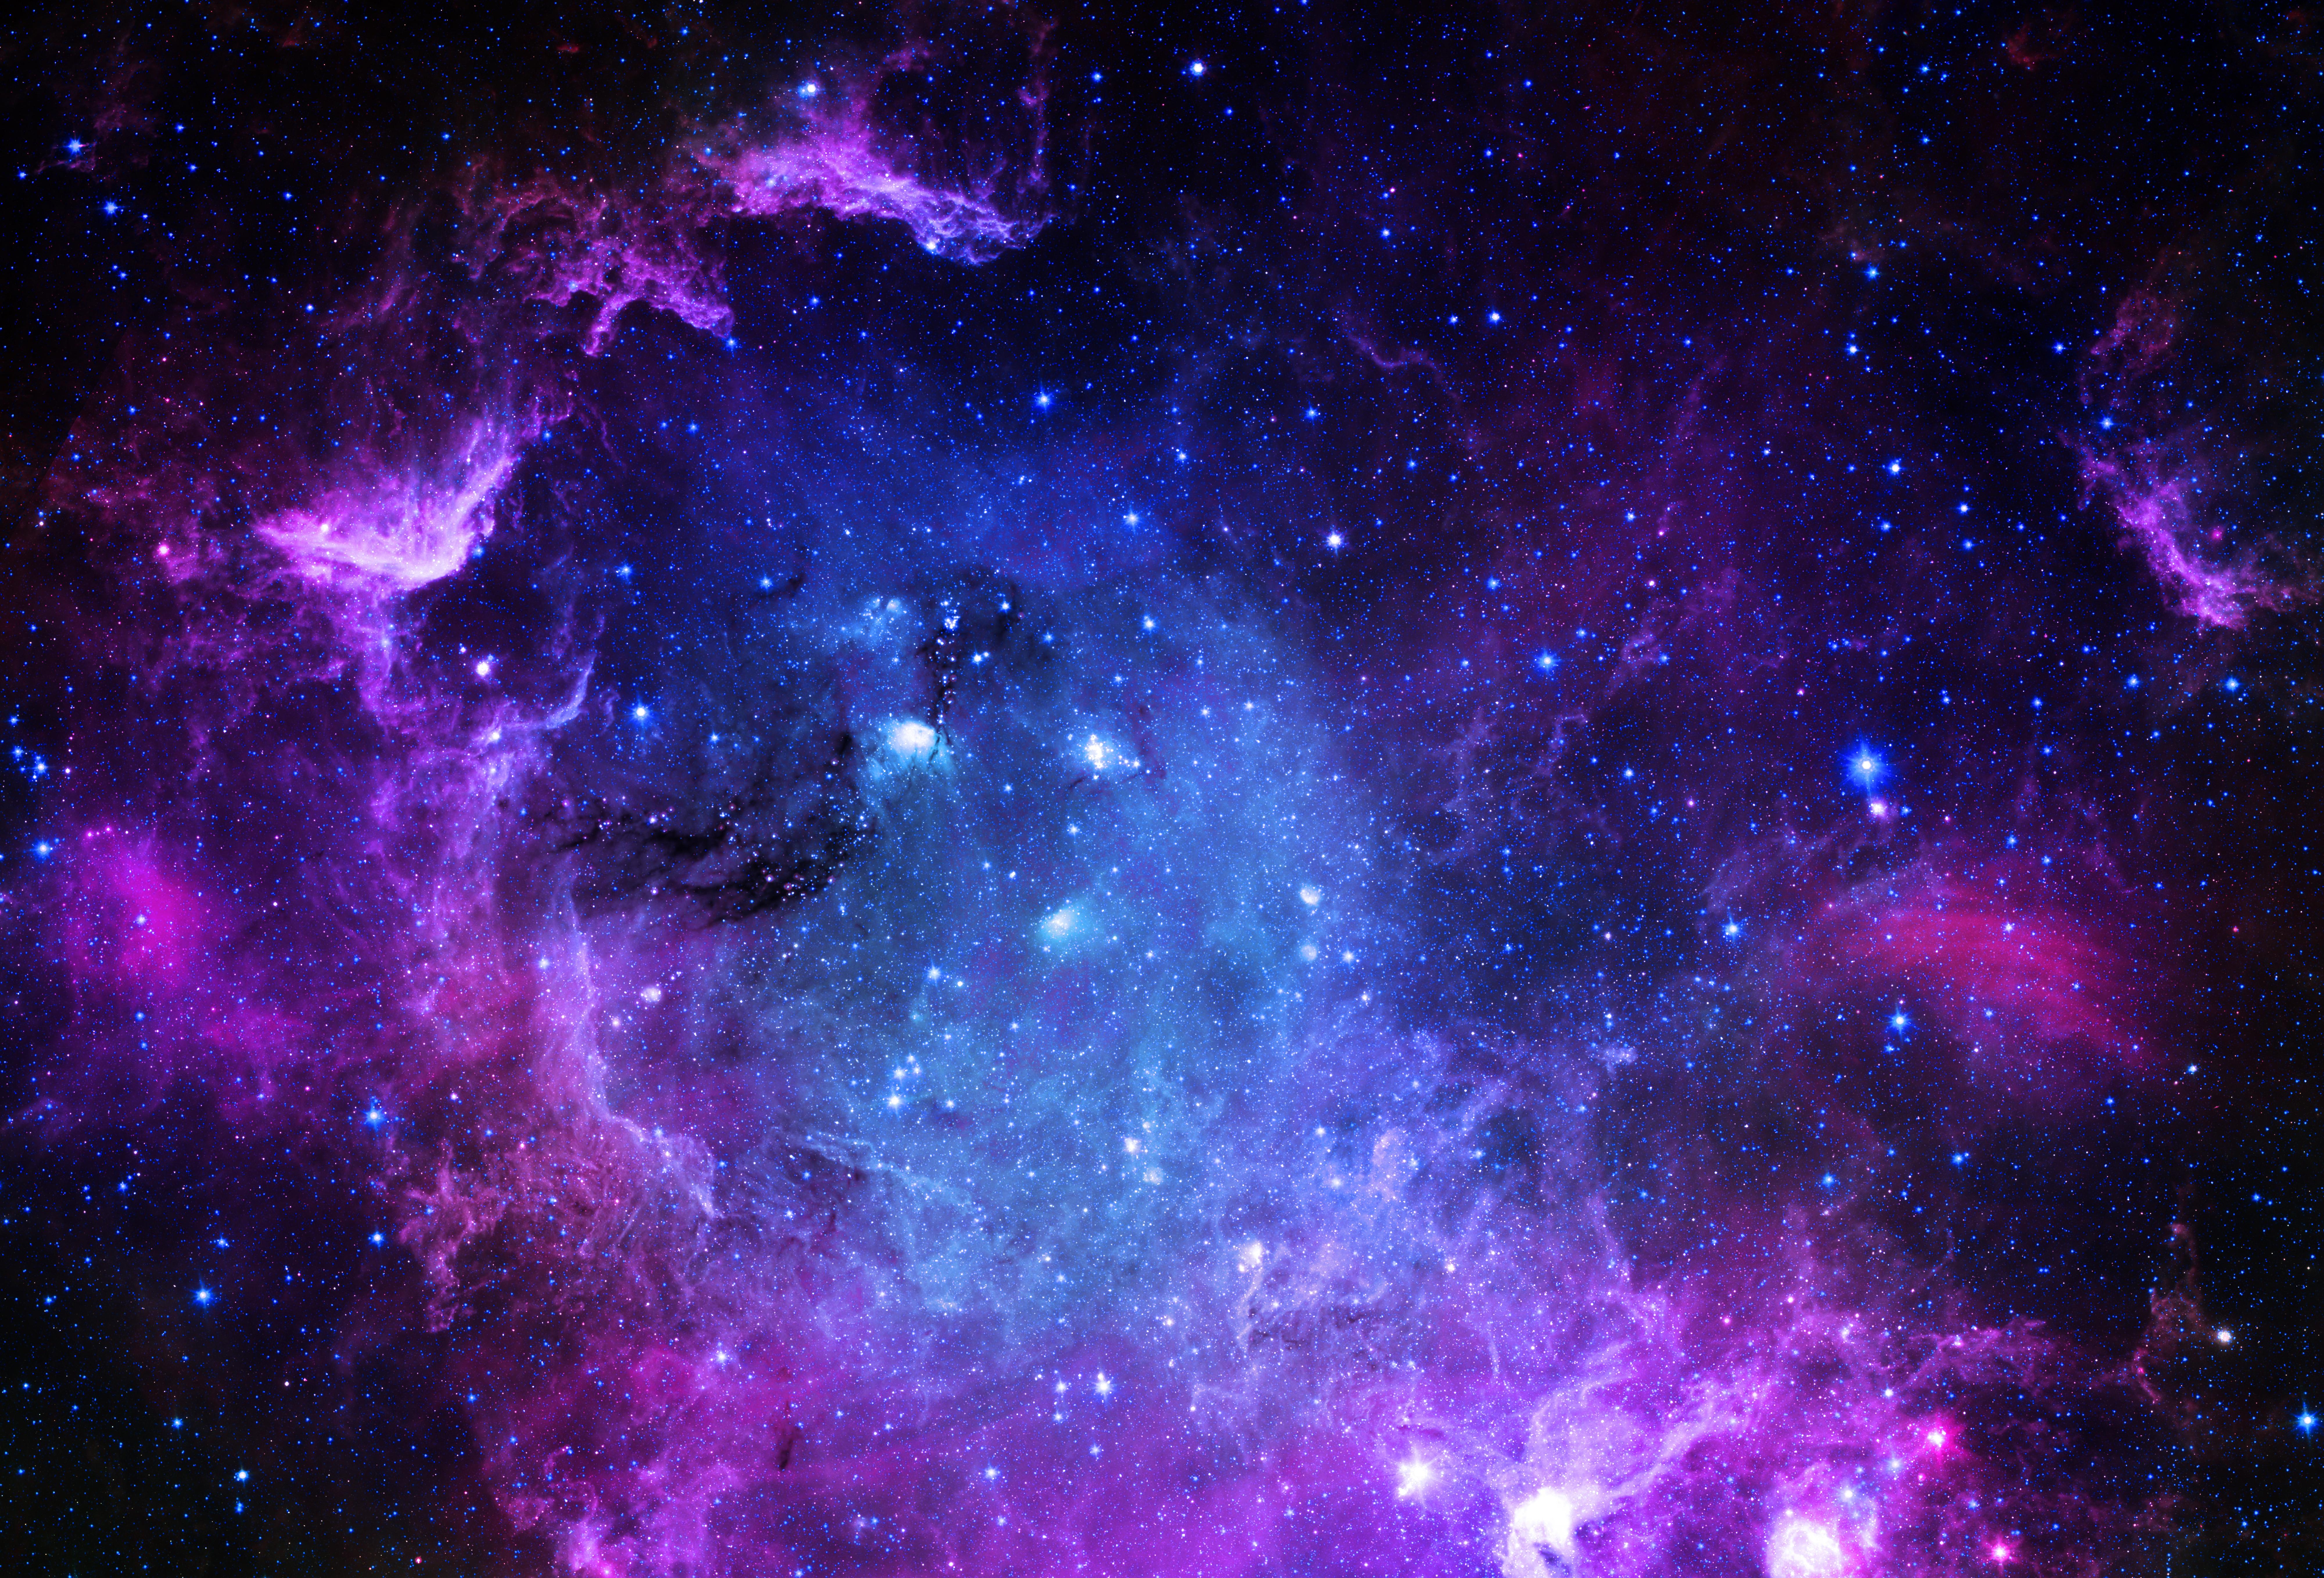 Fenomene astronomice inedite în 2021. Când va avea loc o eclipsă de Soare